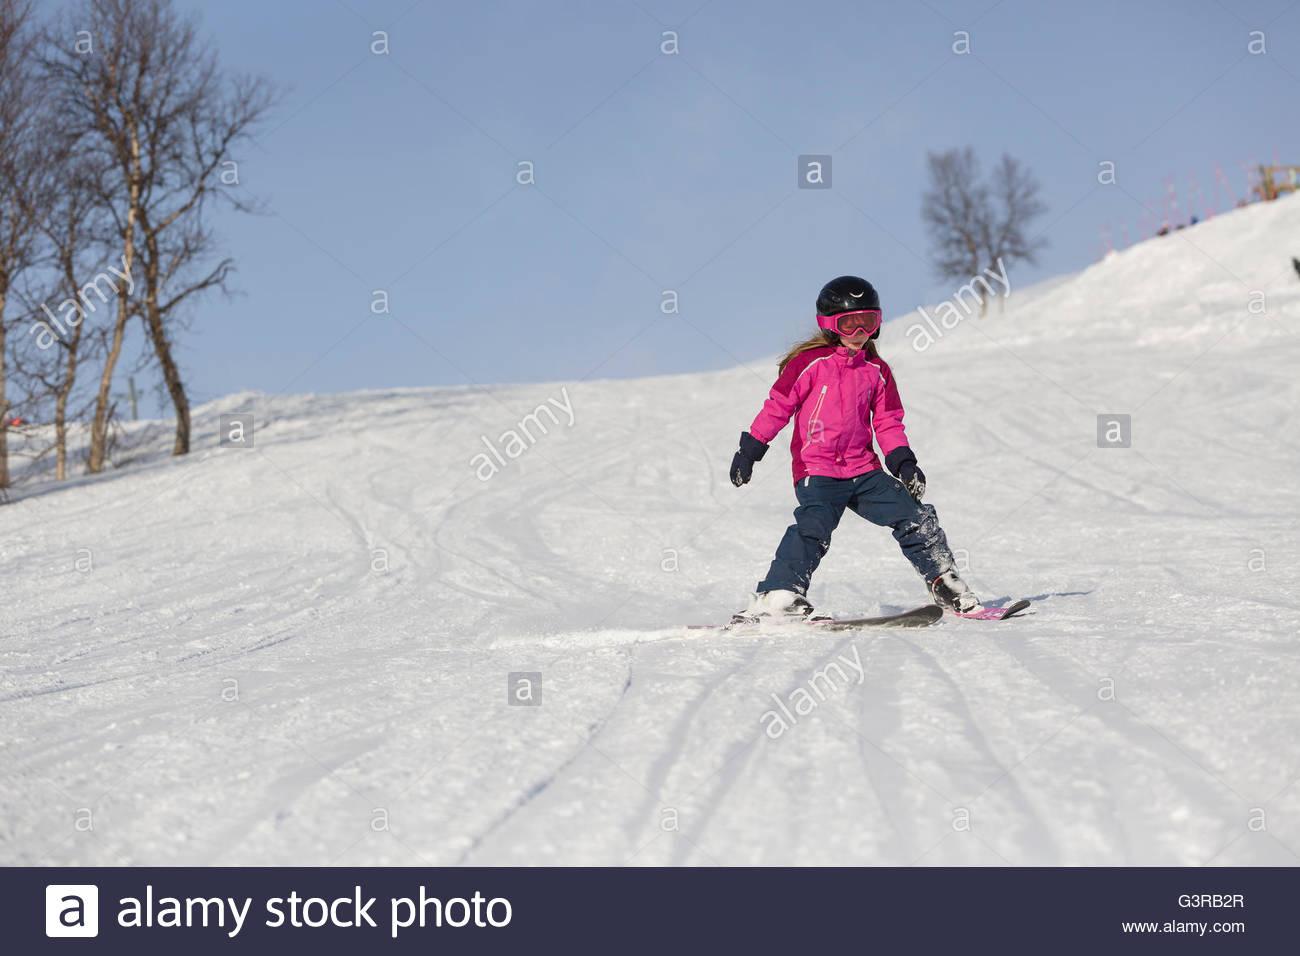 Sweden, Vasterbotten, Hemavan, Little girl (6-7) in ski wear sliding along mountain slope Stock Photo